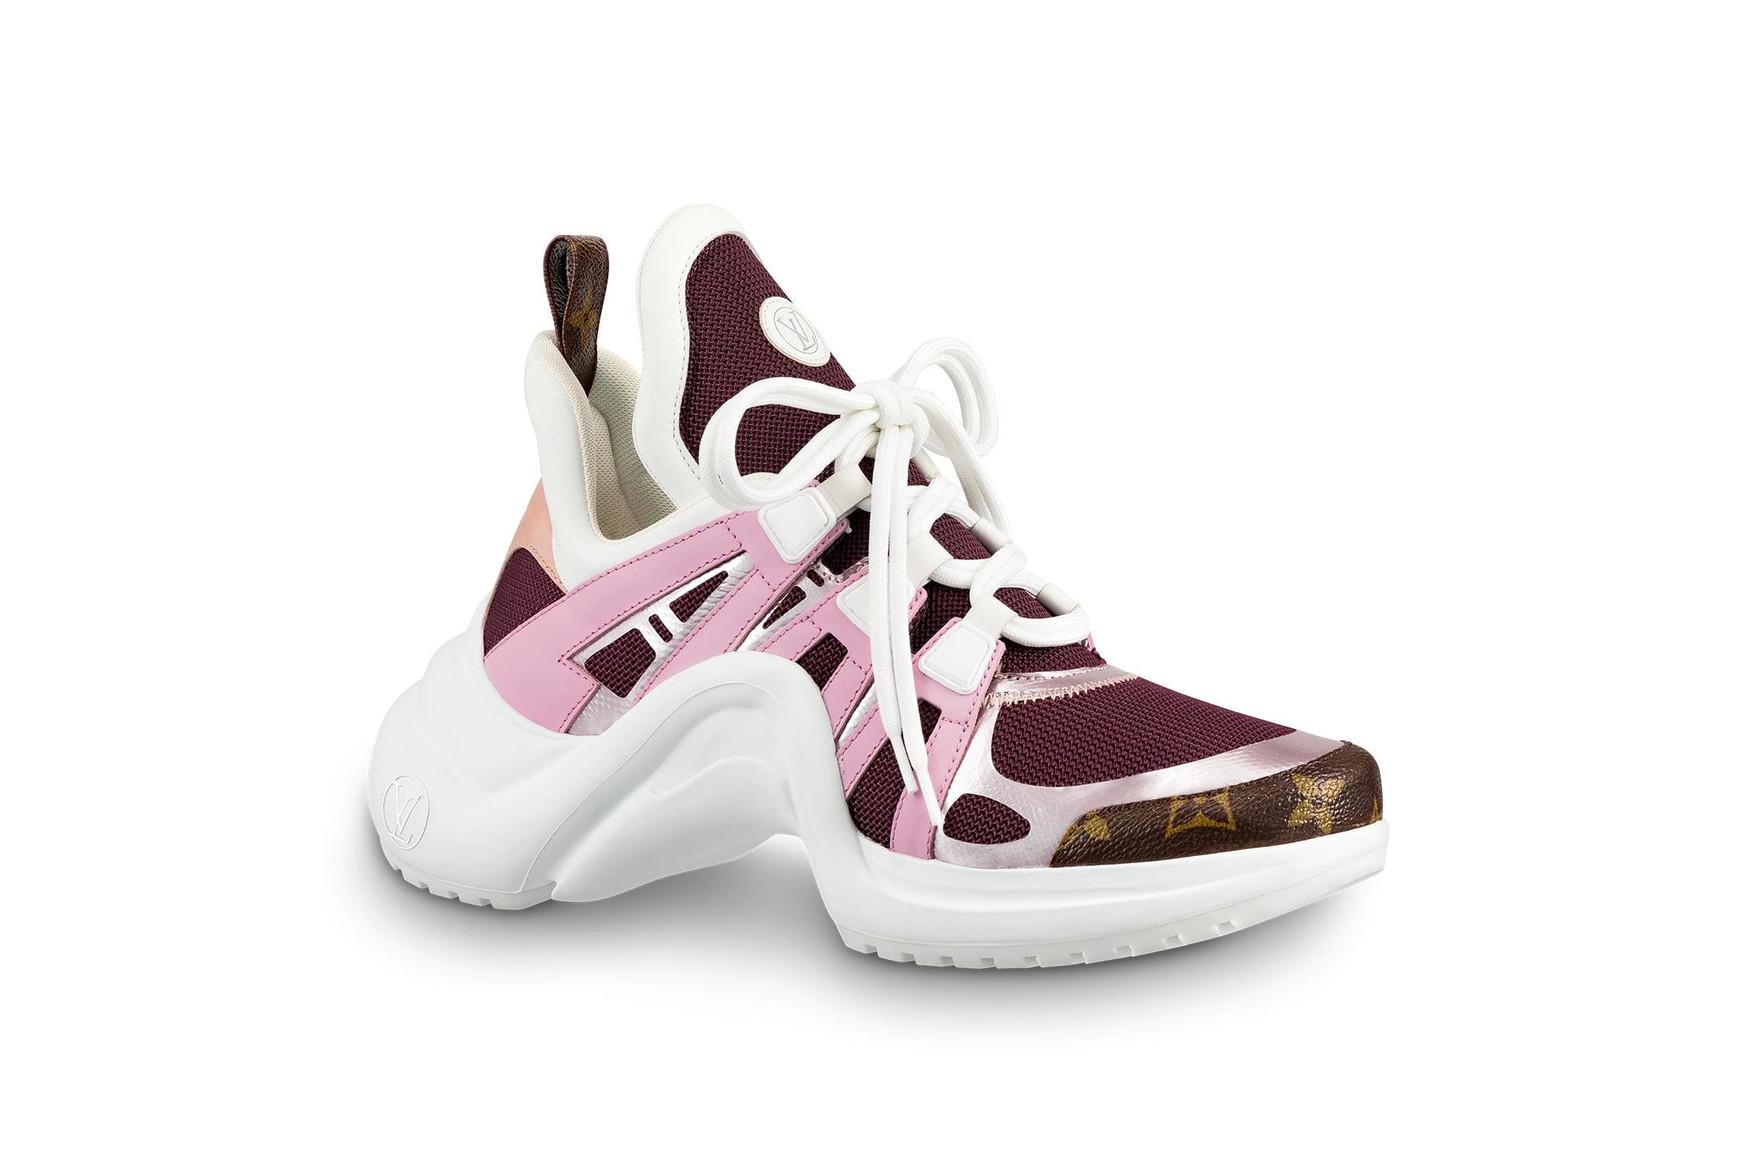 13ab02eeedc Archlight, le sneakers di Louis Vuitton, ora in due nuove colorazioni